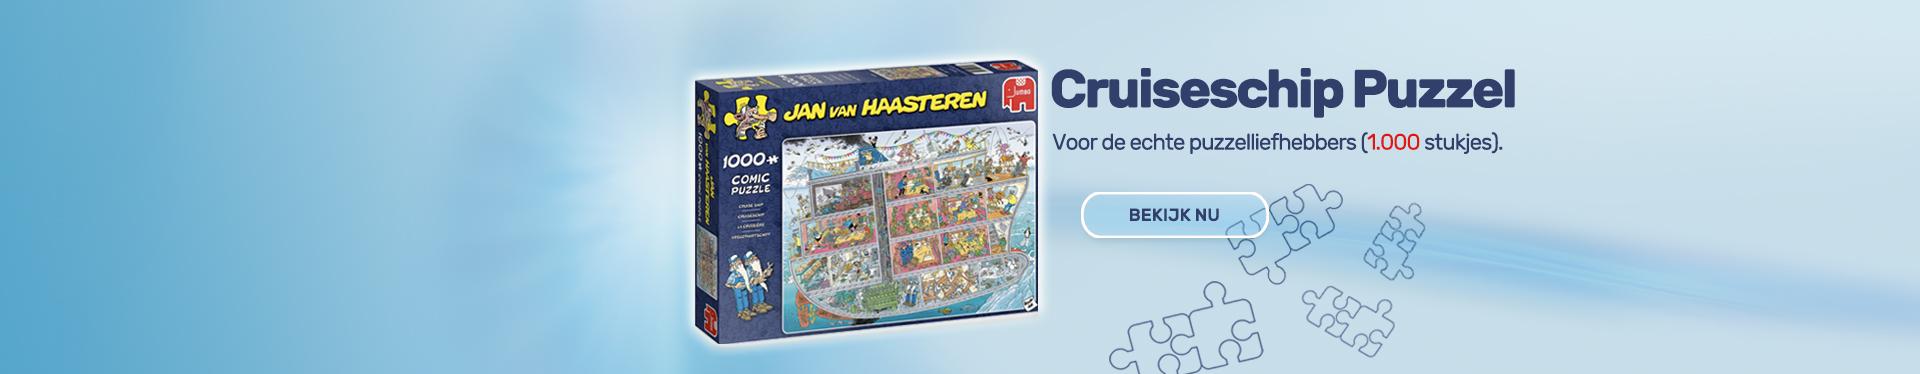 Jan van Haasteren - Cruiseschip Puzzel